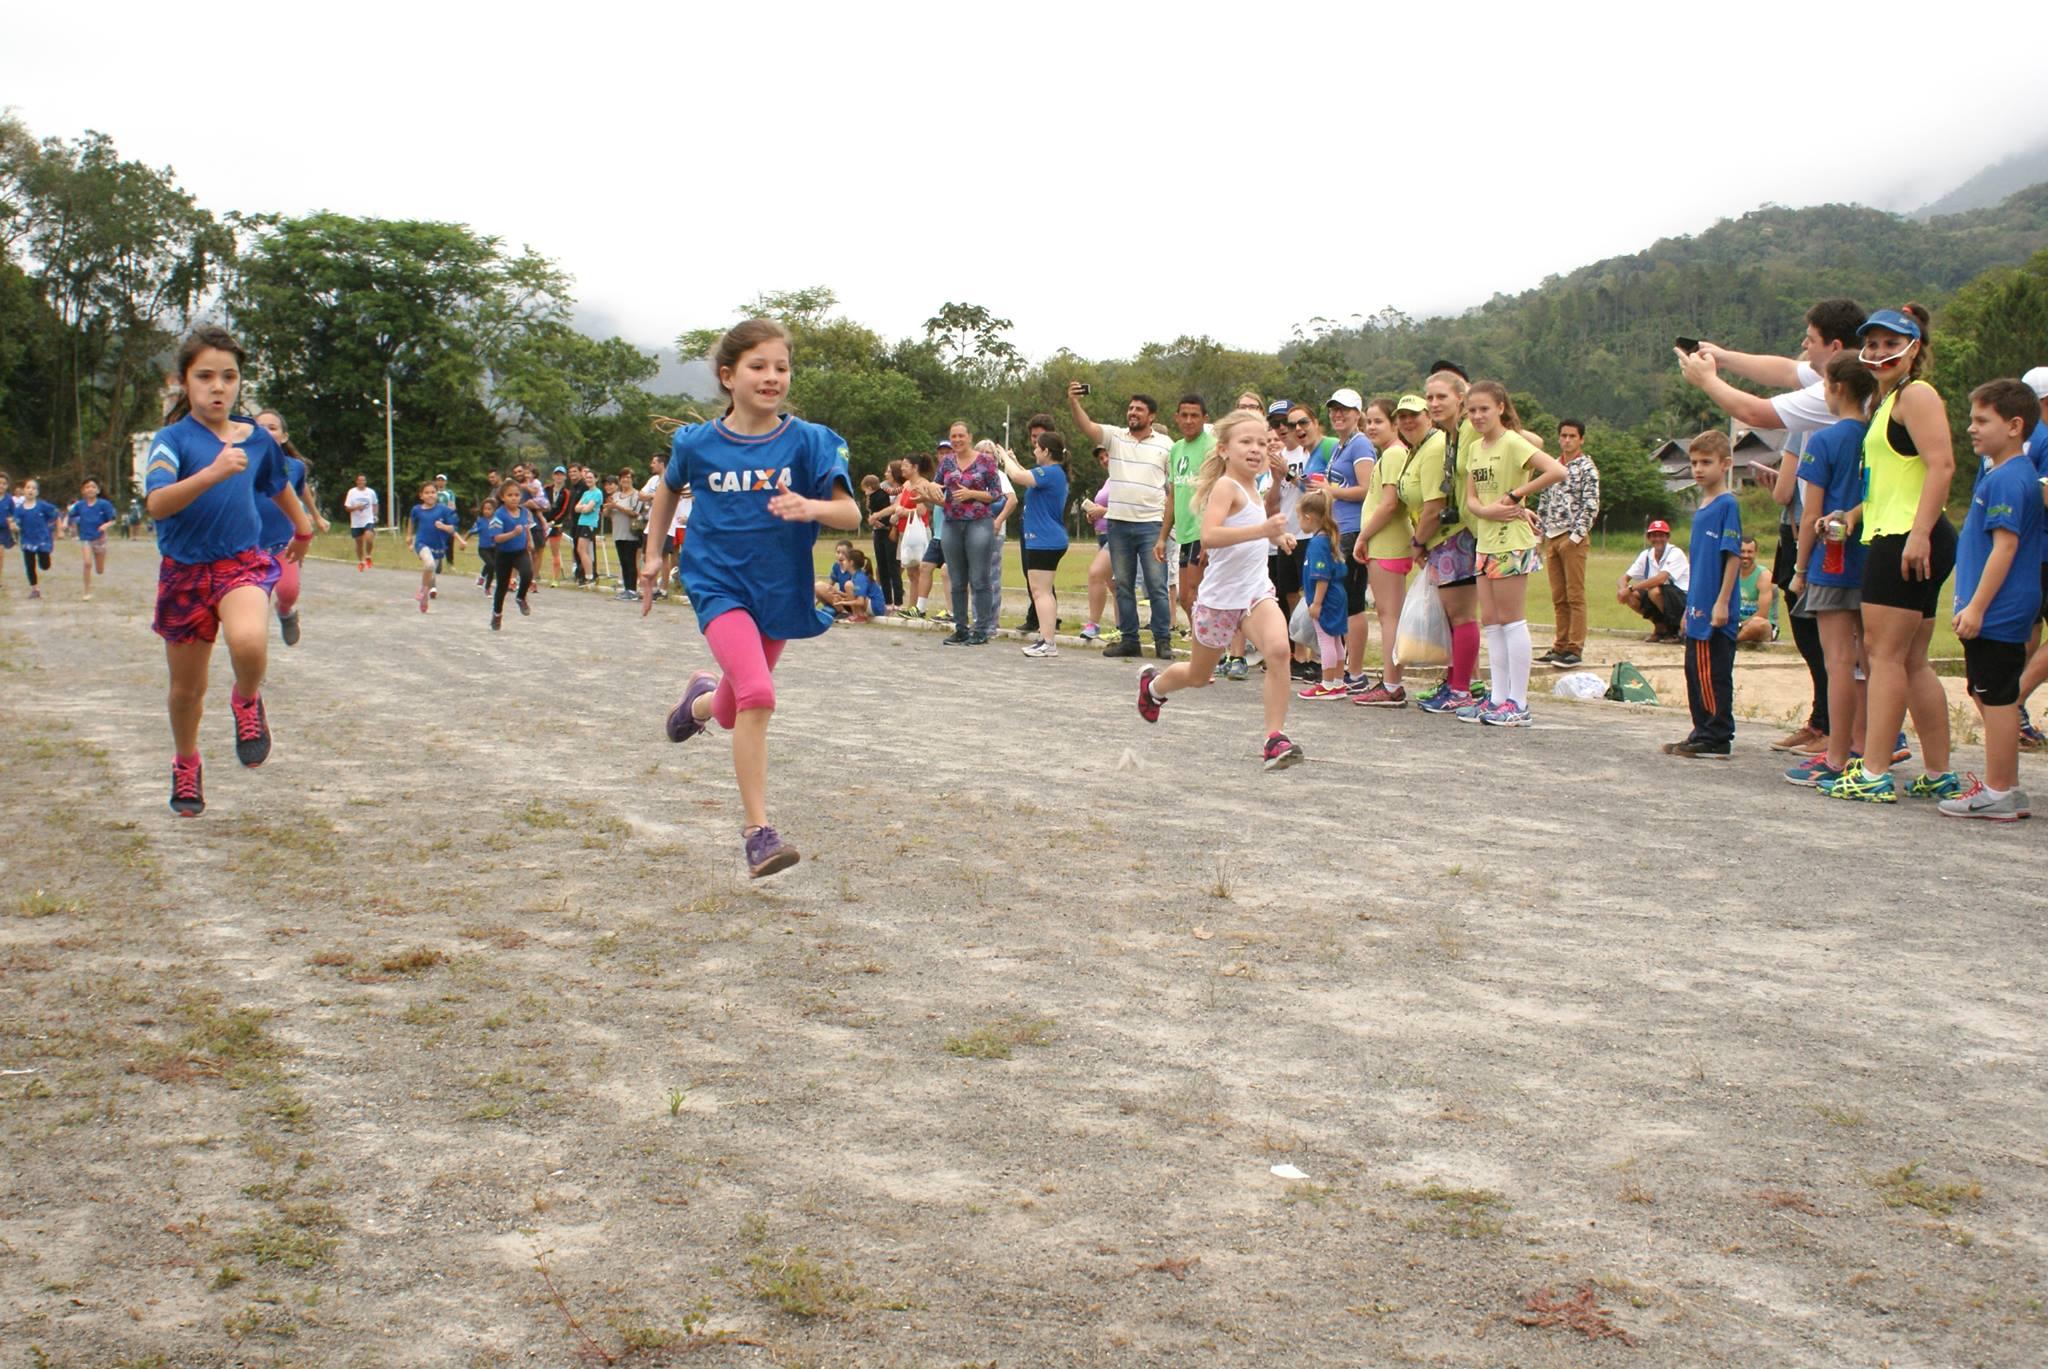 Trail run e maratoninha kids fazem parte da programação da Meia Maratona de Pomerode (SC)